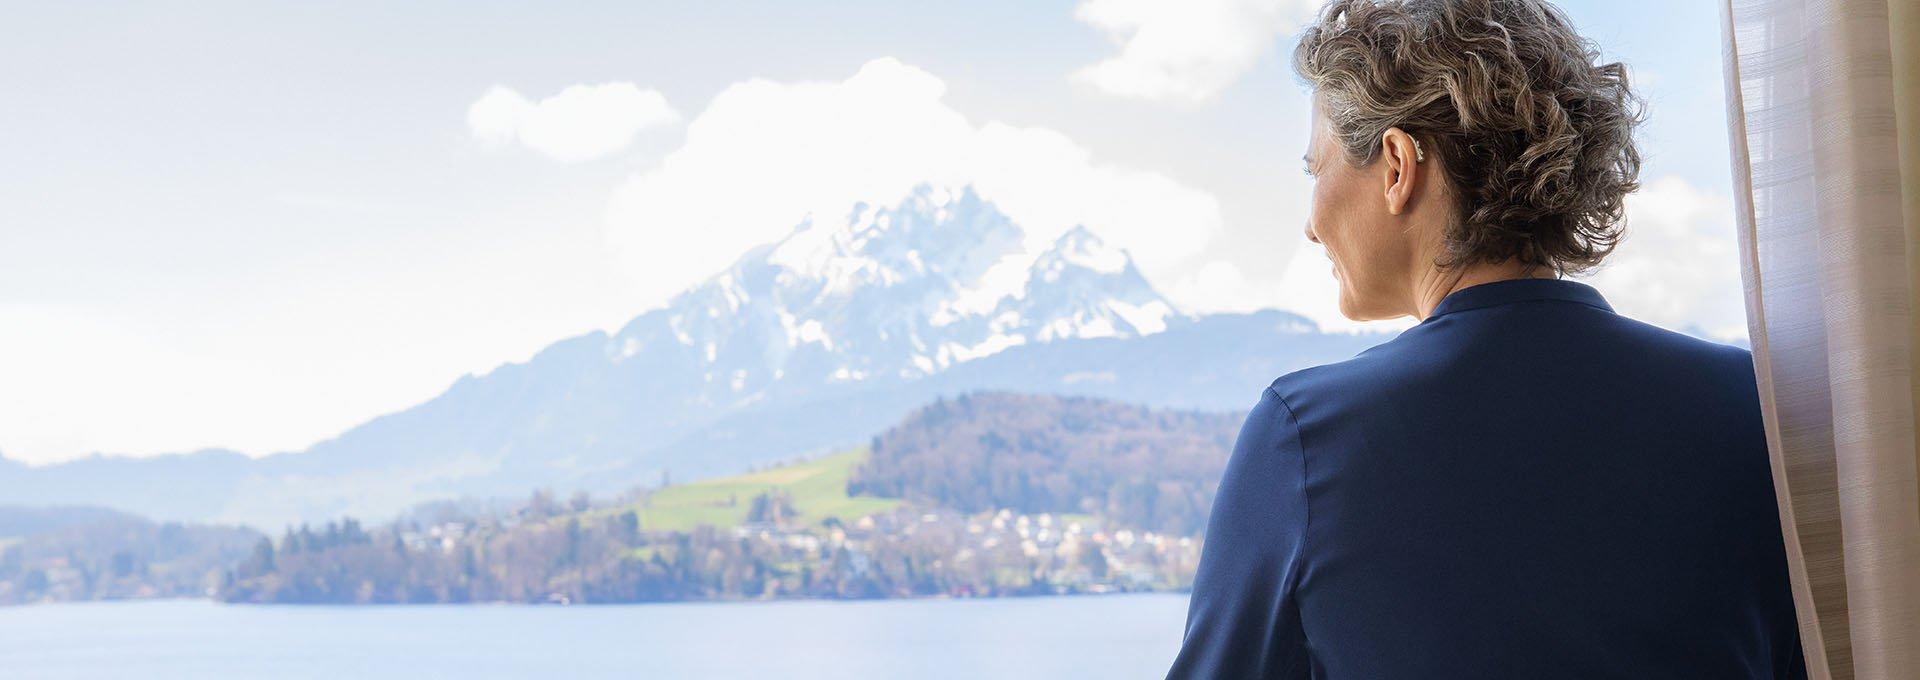 Dame med genopladelige Bernafon Alpha høreapparater nyder udsigten  over schweizisk sø og bjerg fra hotelvinduet